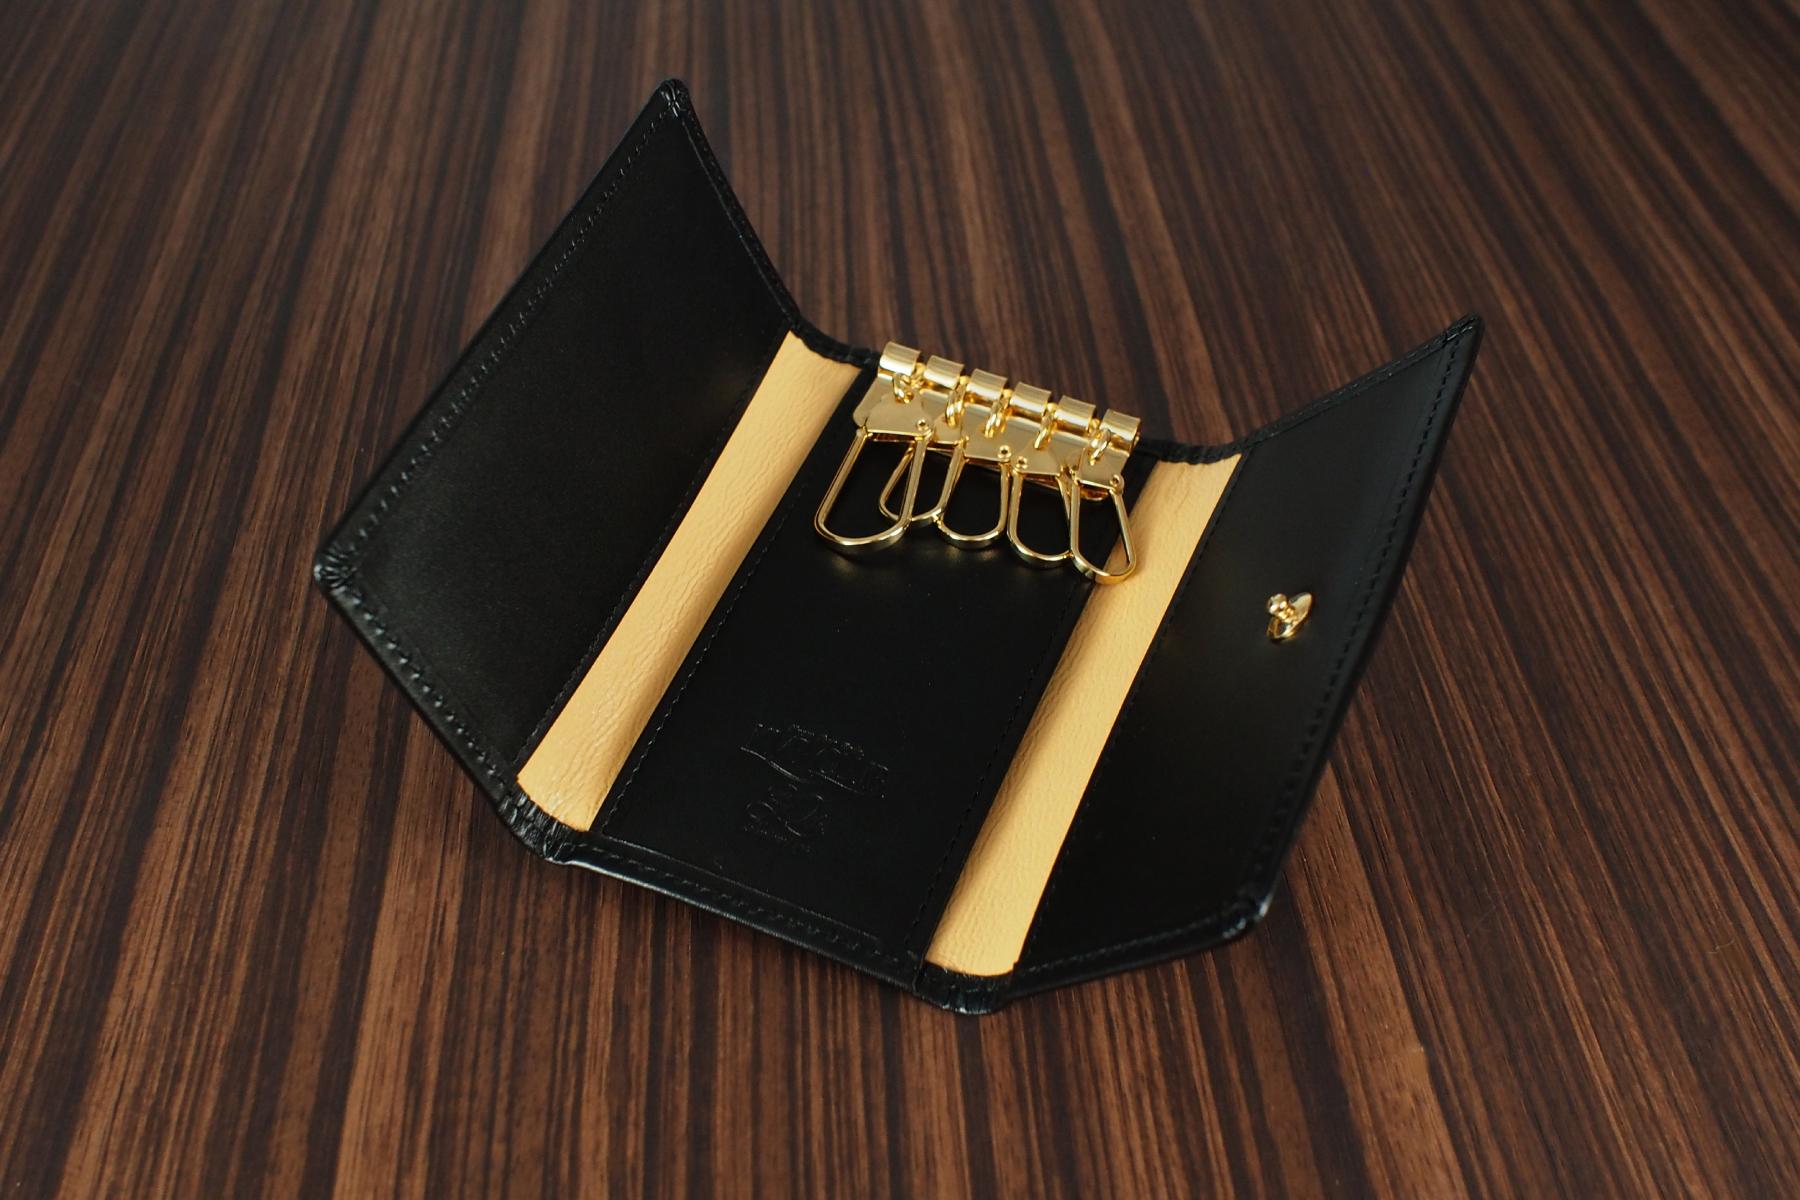 本革製キーケースを創立30周年記念品として使用した例